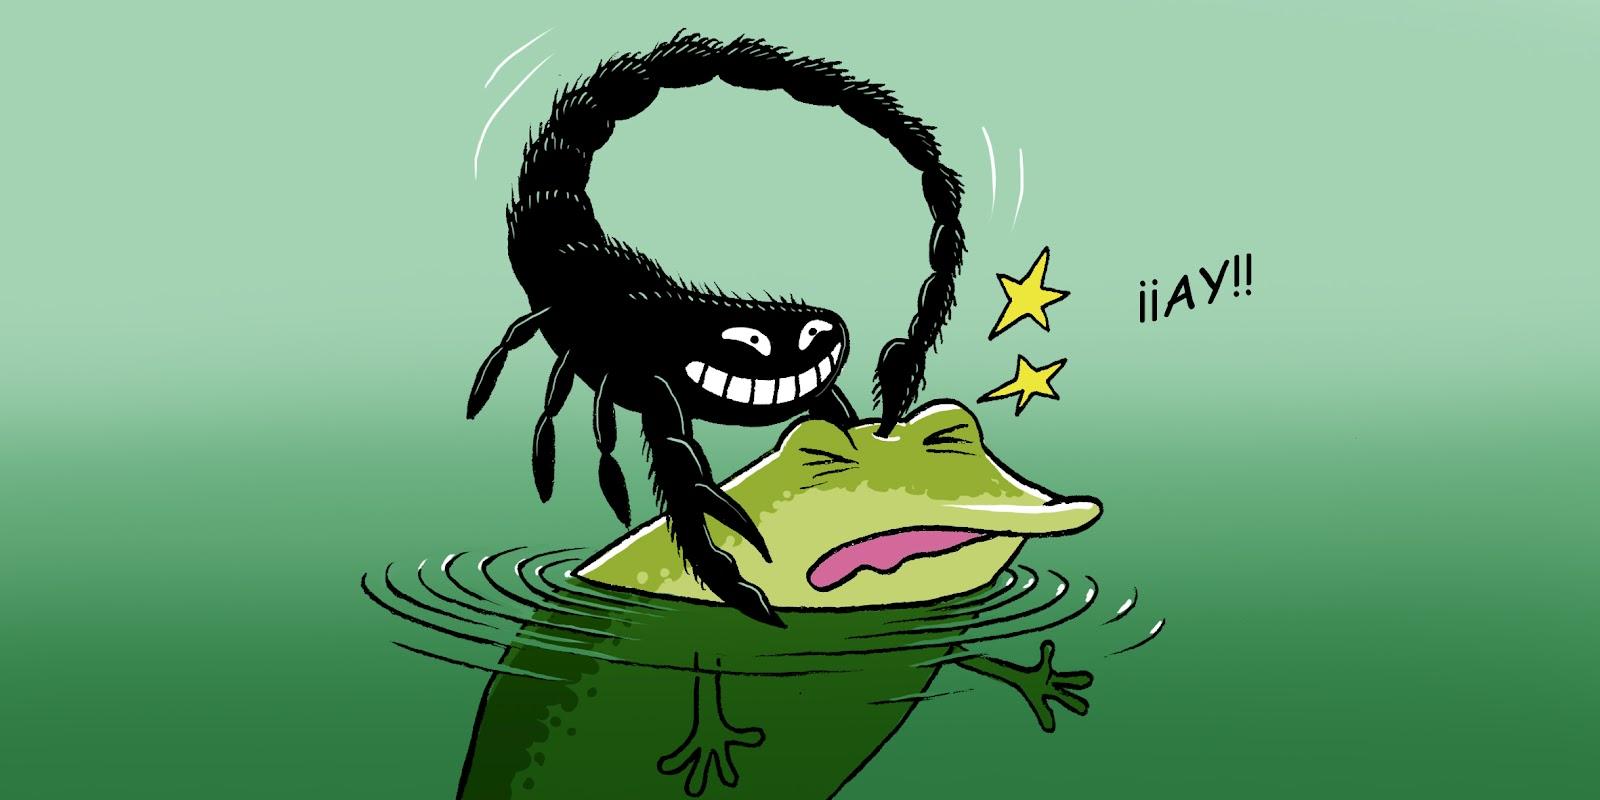 El escorpión y la rana, de Esopo y demás fábulas La-Rana-y-el-Escorpi%C3%B3n-10